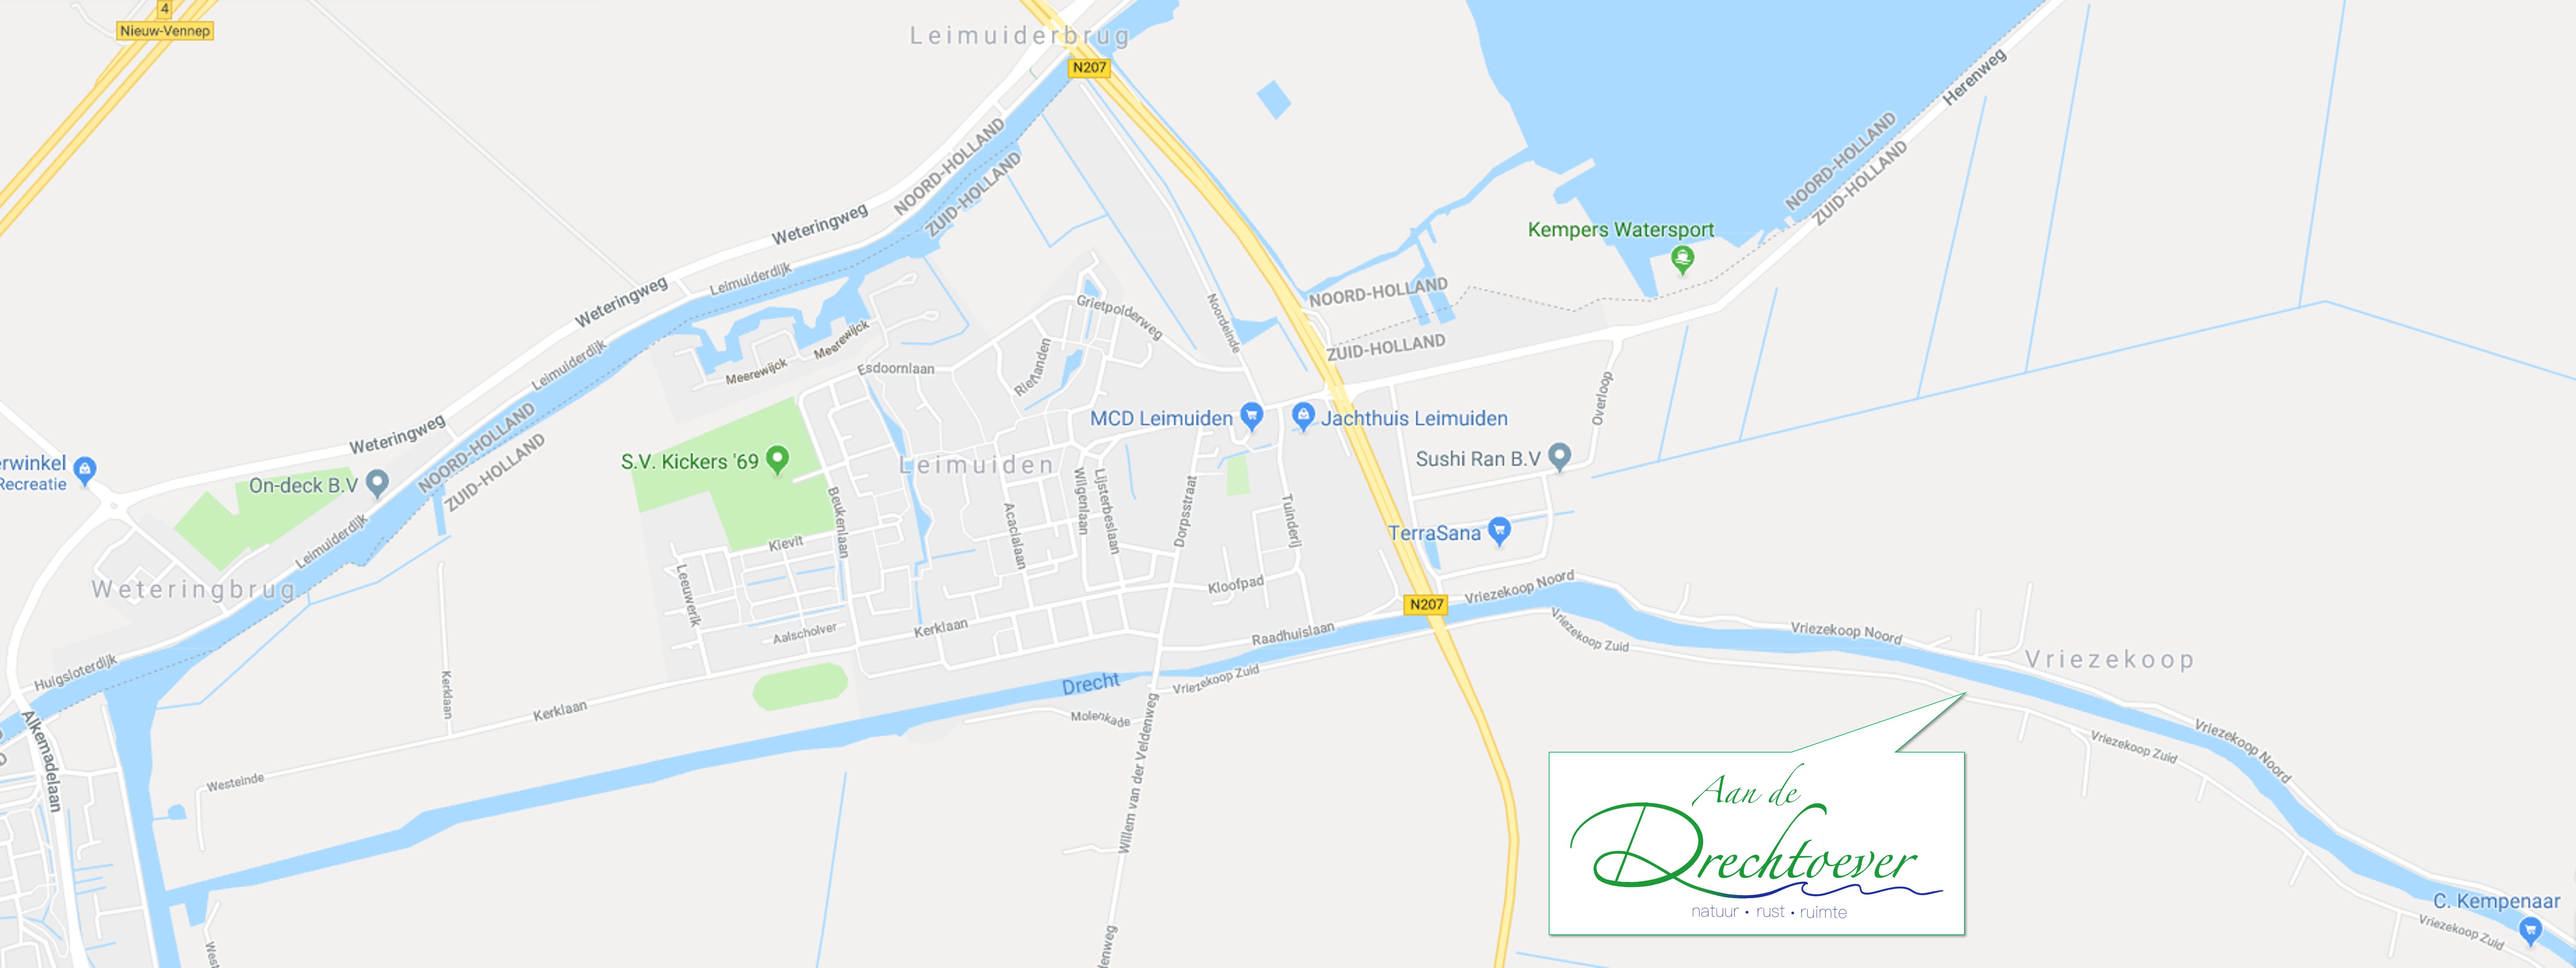 Landkaart Drechtoever1